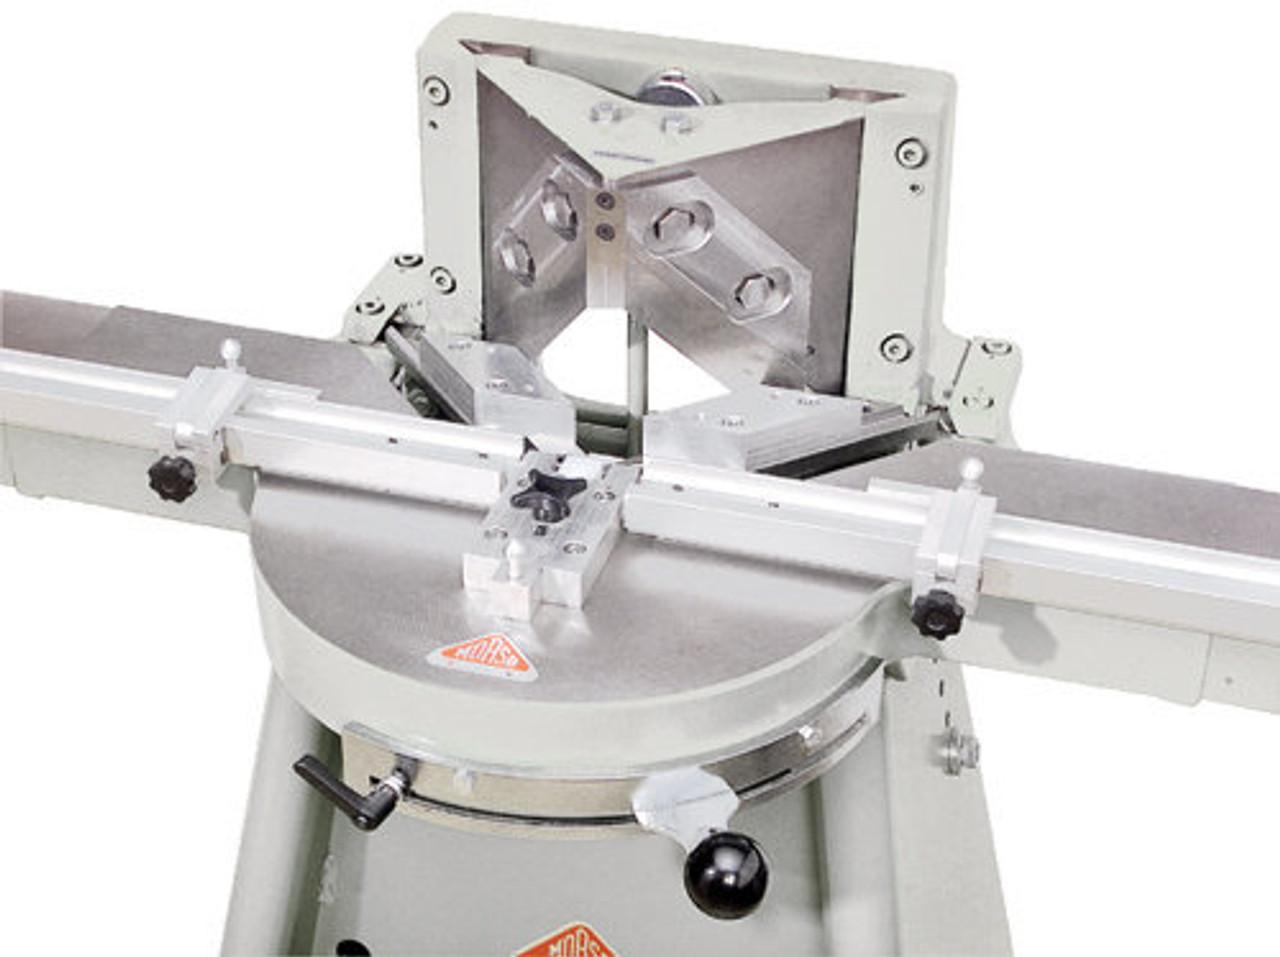 N0015L - MORSO NFL manual notching machine by Hoffmann-USA.com